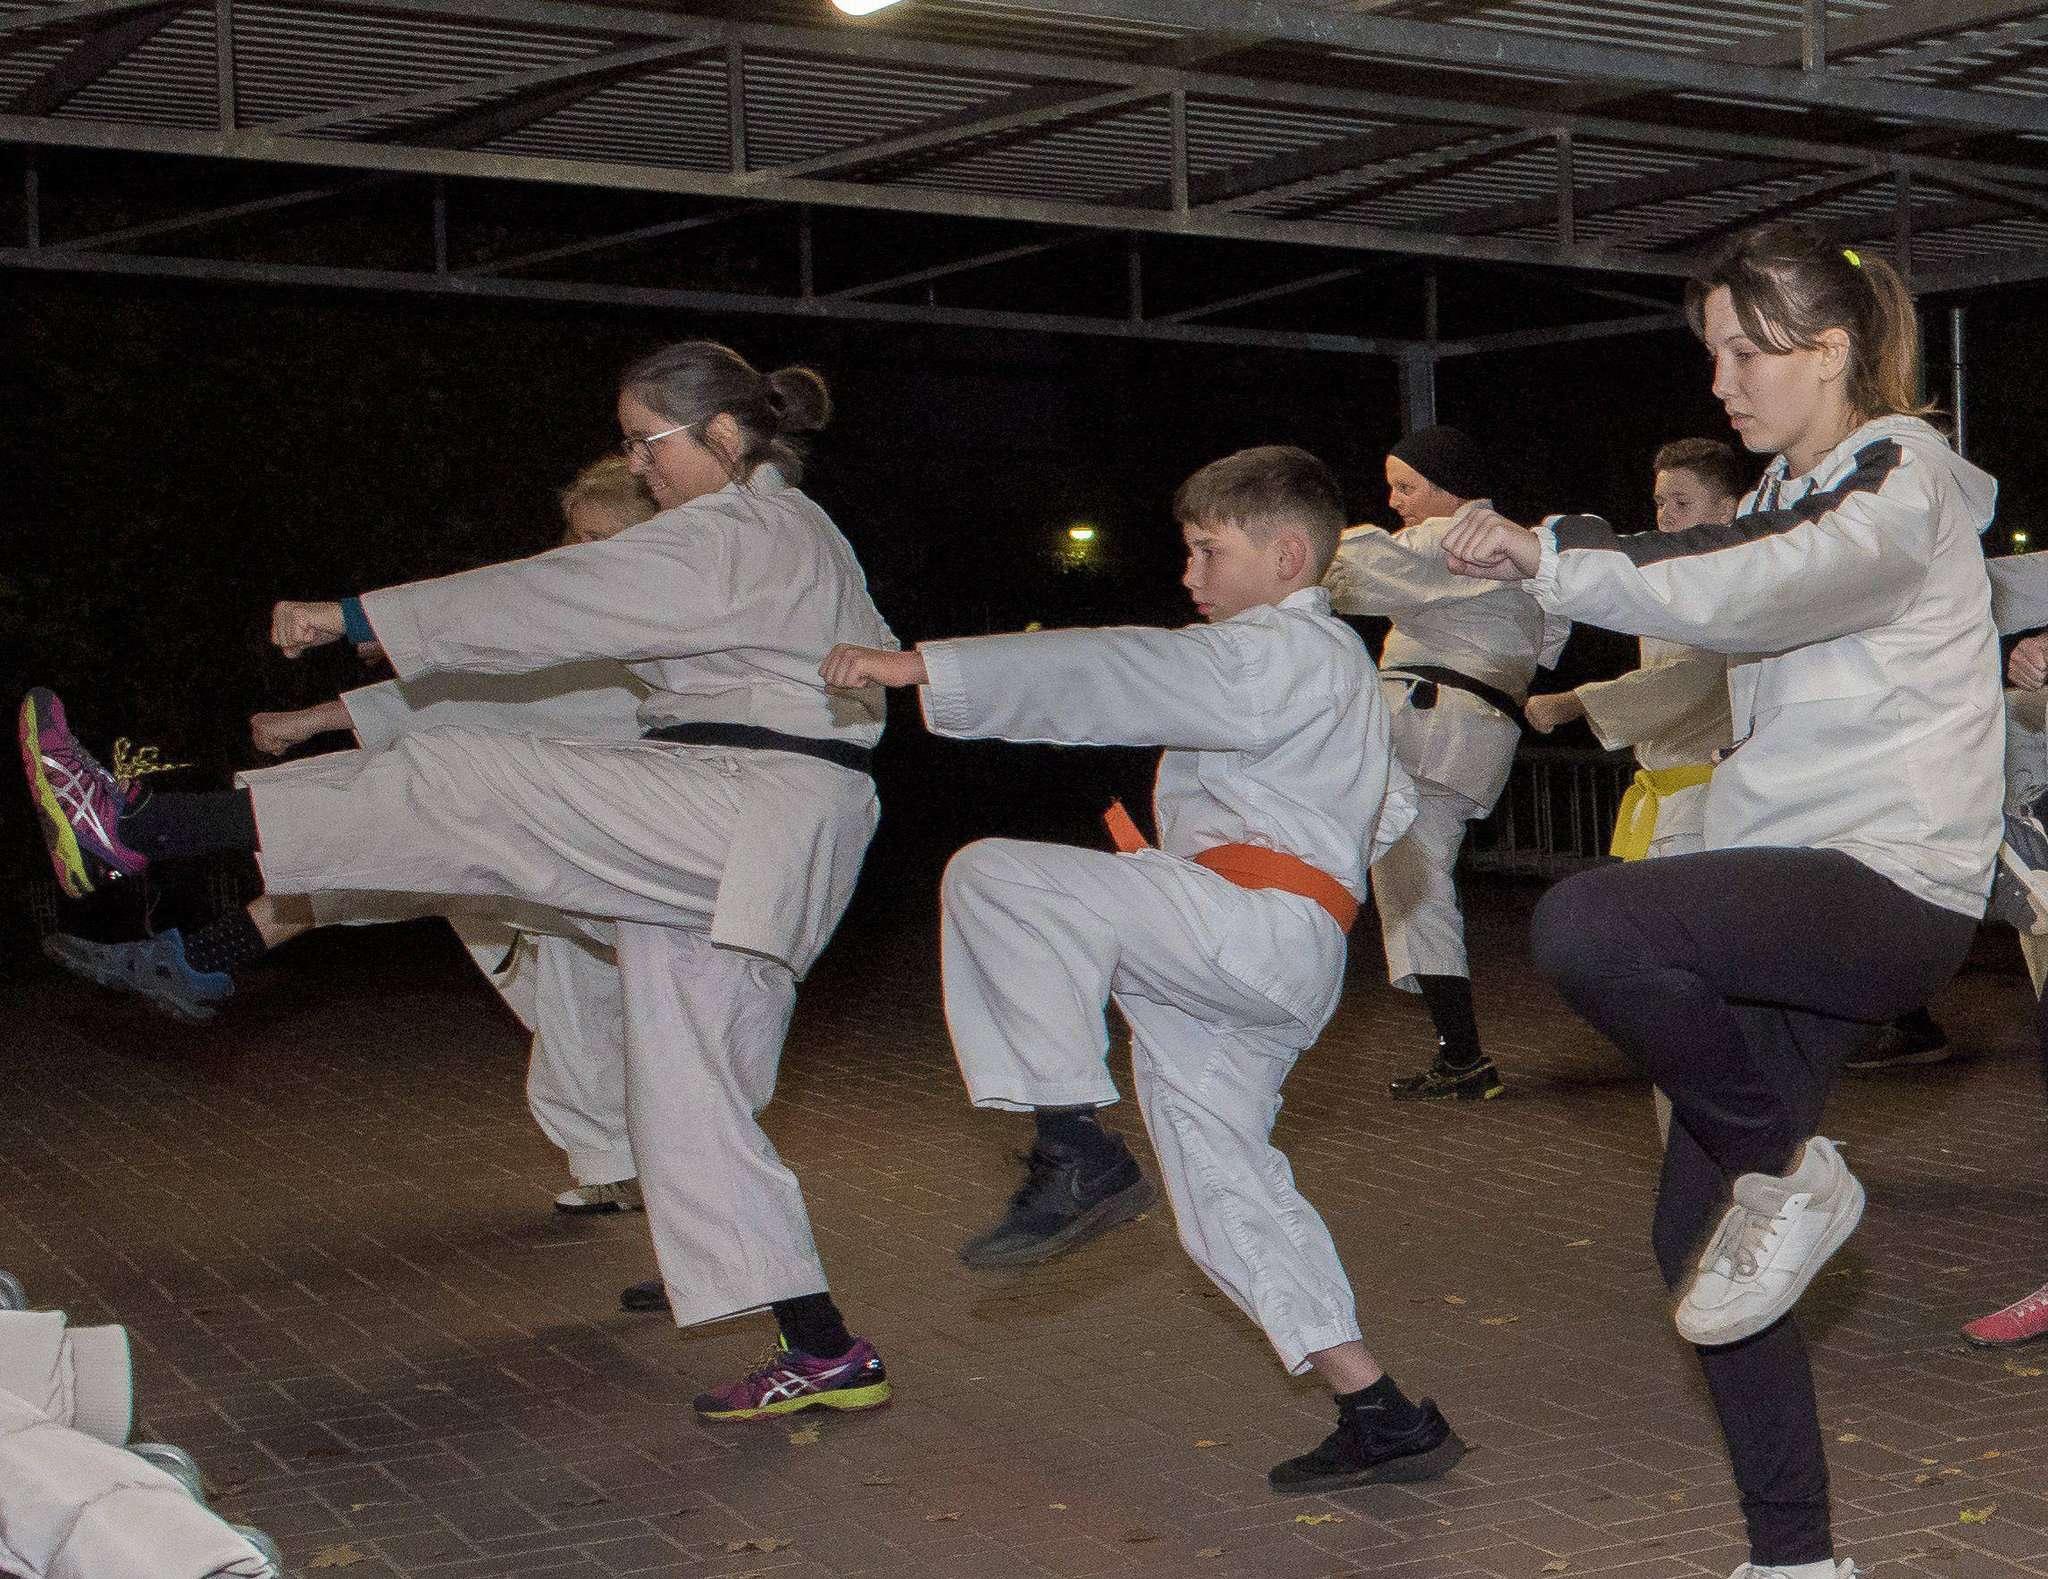 Beim Training an der frischen Luft beweisen die Karateka des TV Scheeßel nicht nur Kreativität, sondern auch Durchhaltevermögen. Foto: Ulla Heye